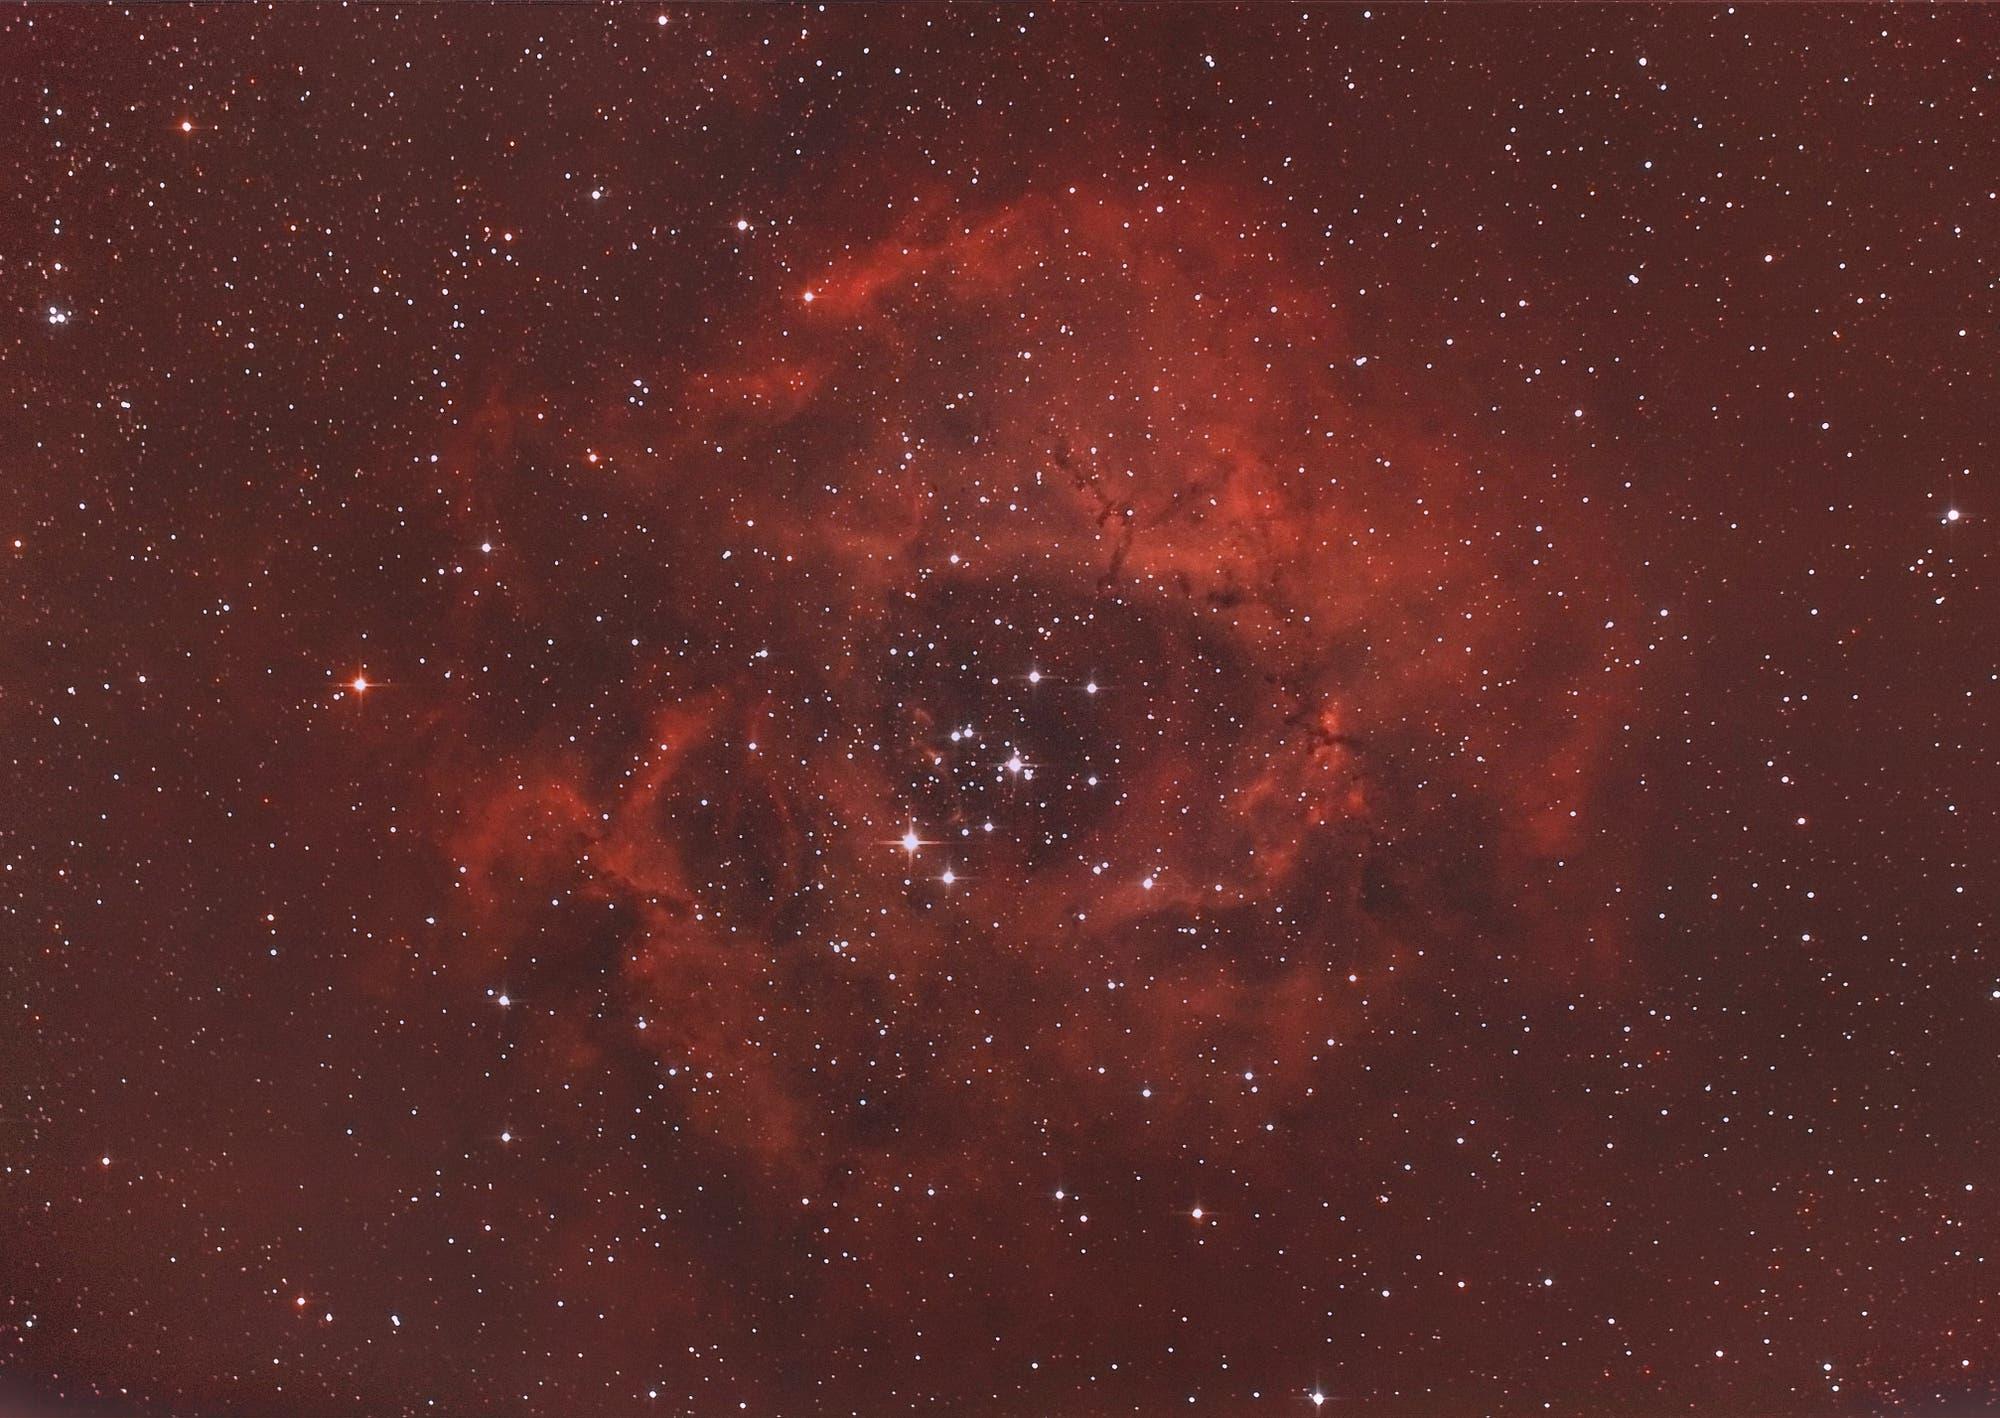 Rosettennebel NGC 2237 mit offenem Sternhaufen NGC 2244 im Sternbild Einhorn (Monoceros)